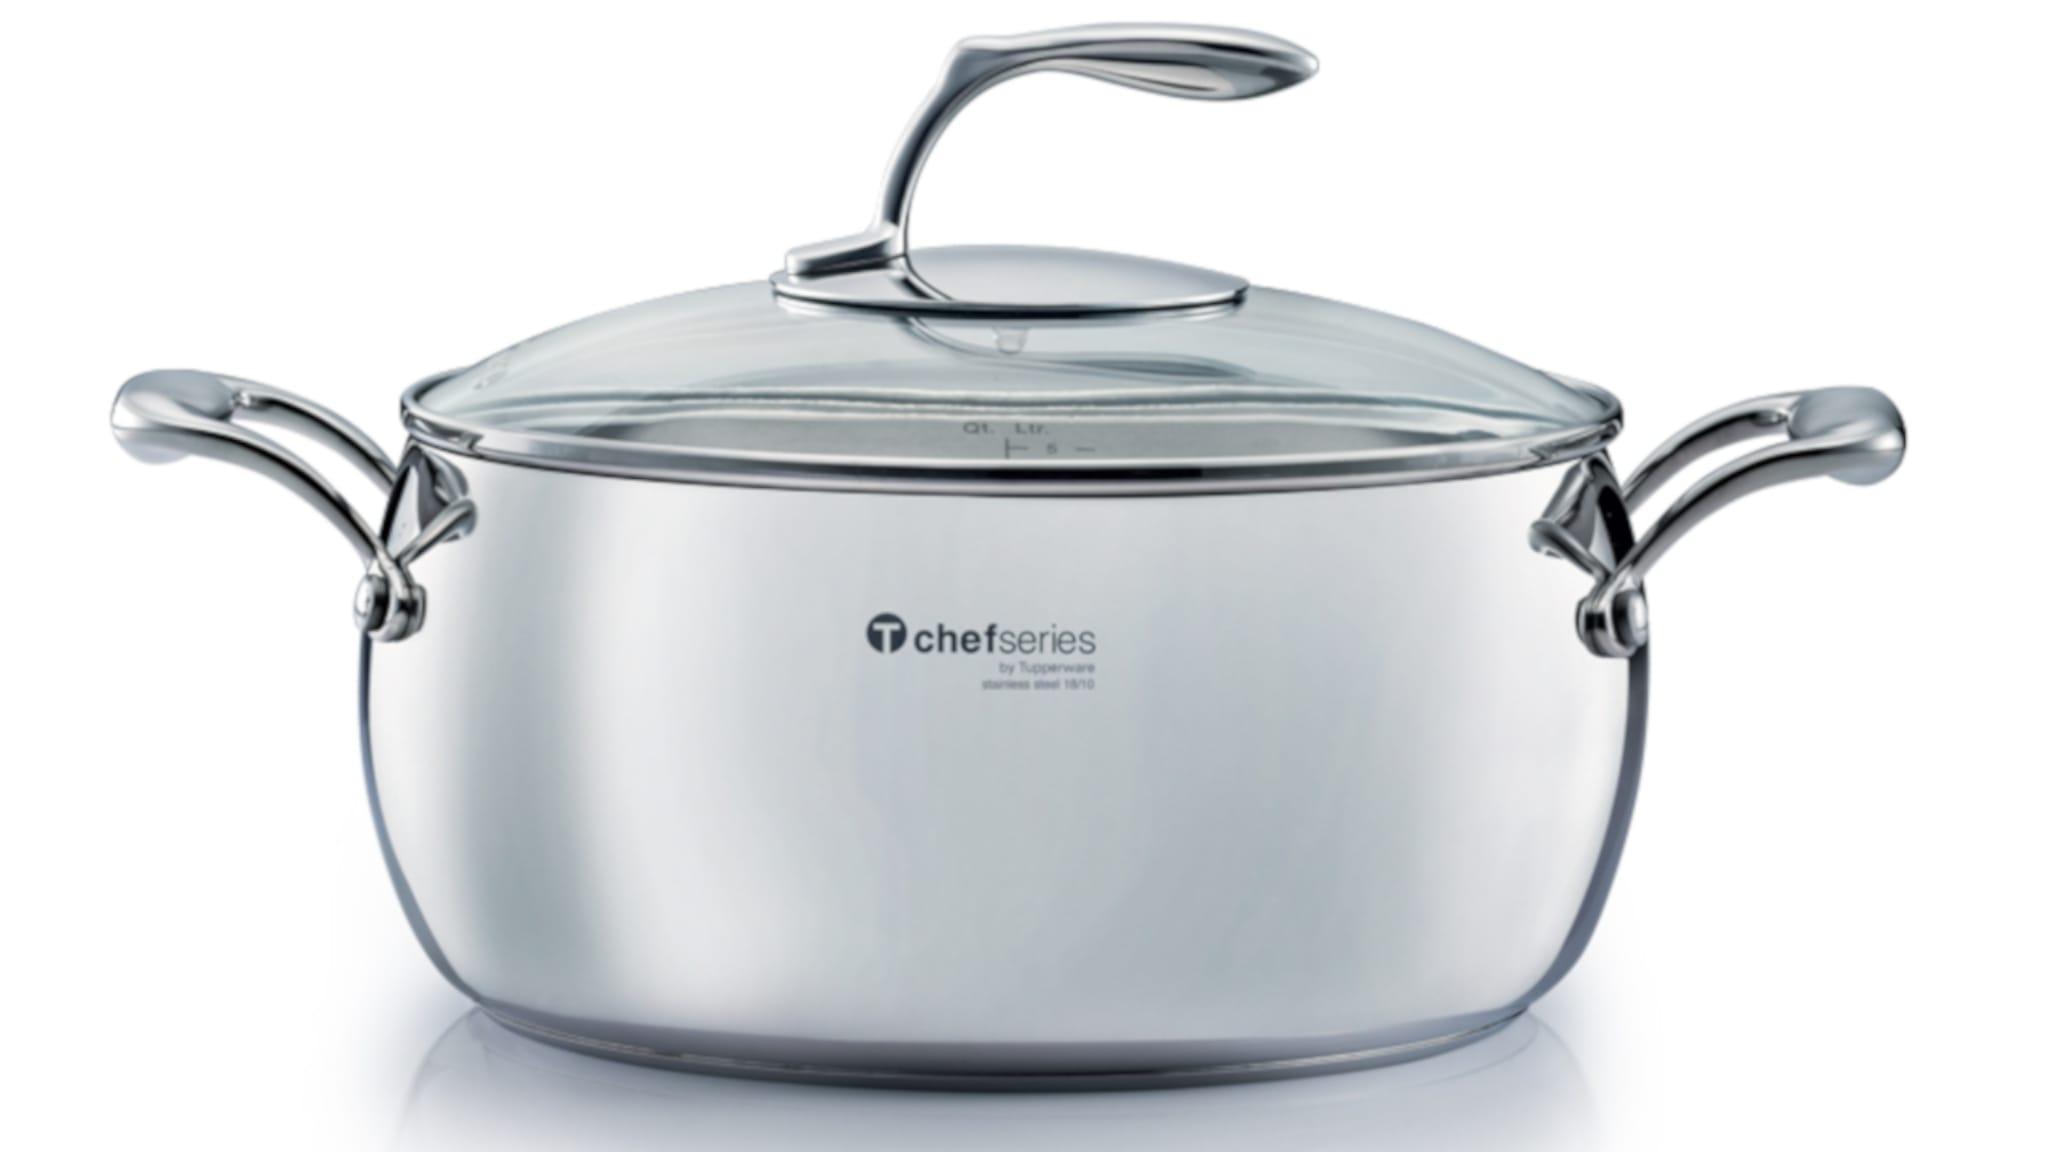 Chef Series Casserole Pot (1) 5.7L